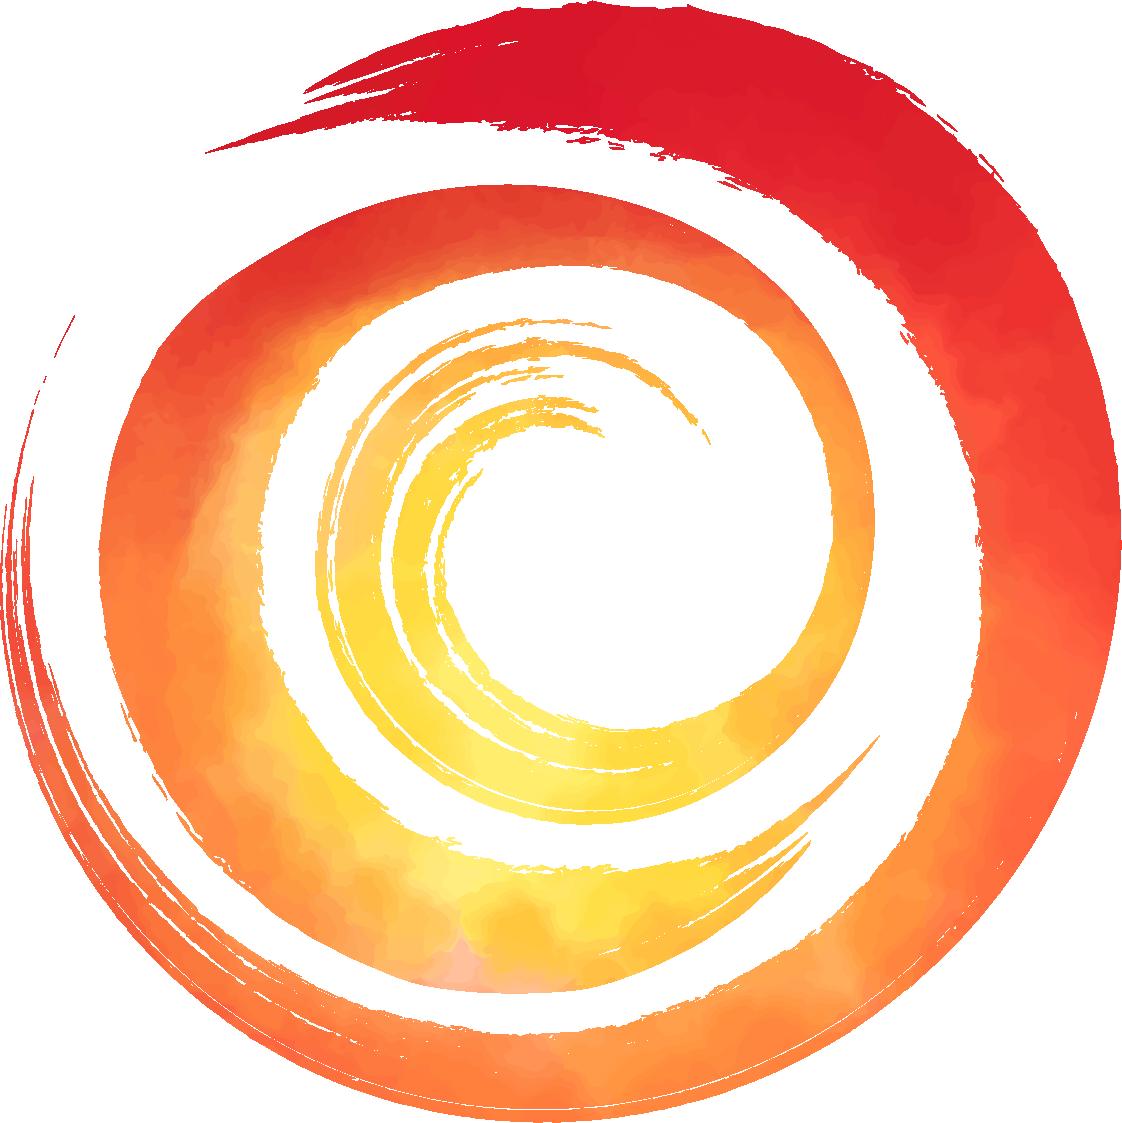 Eyecatcher für meine Naturheilpraxis gesucht. Welches Logo erwärmt jeden Patienten? :-)